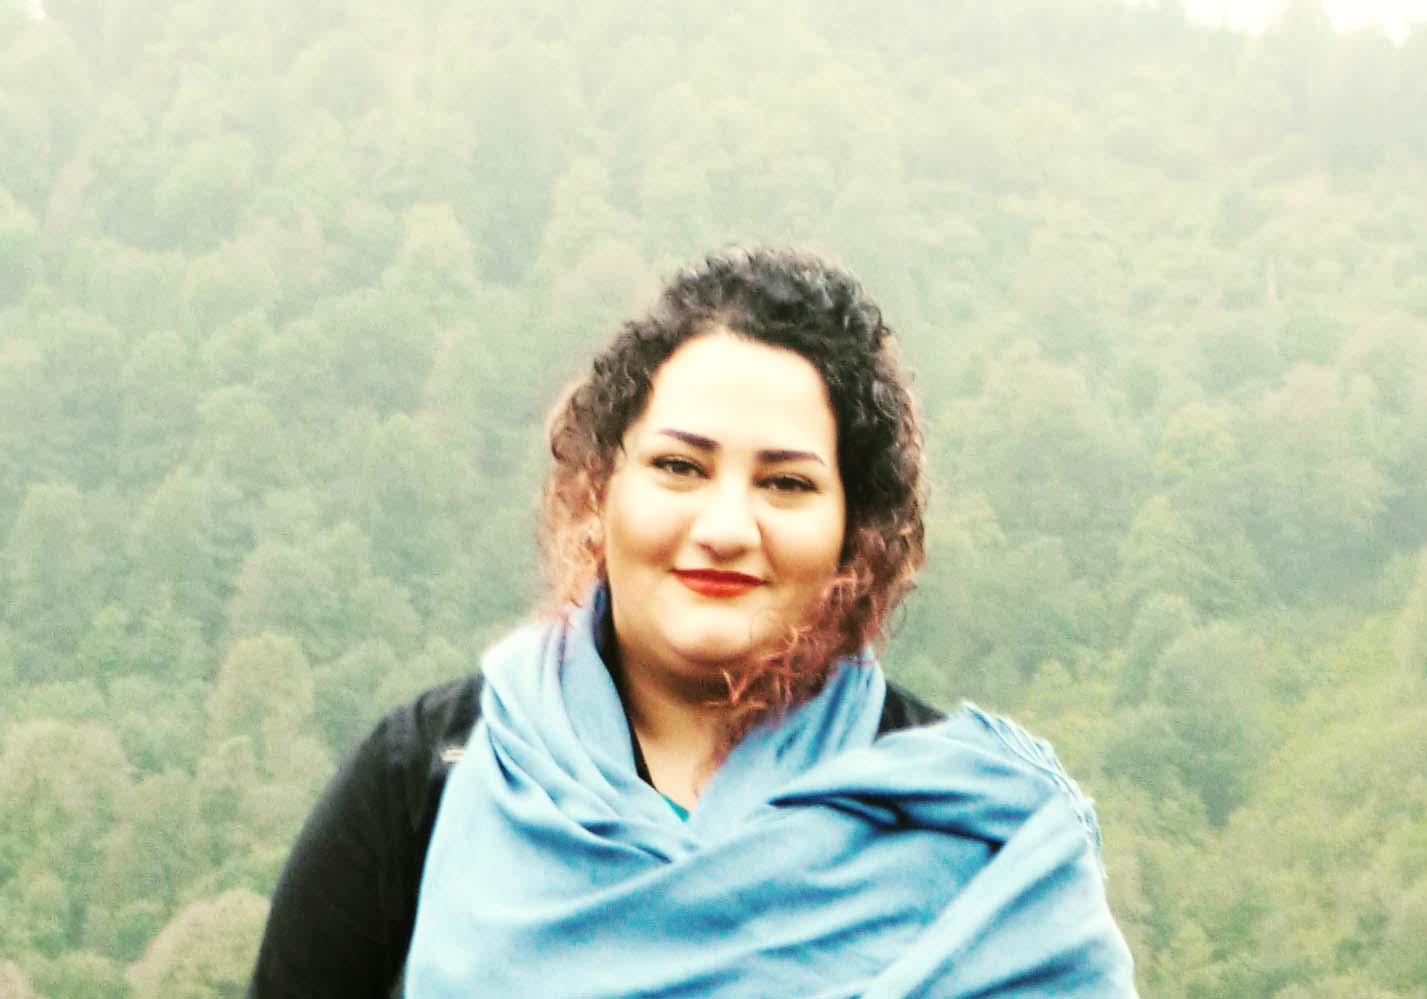 آتنا دائمی از زندان اوین: «در این انتخابات نمایشی شرکت نخواهم کرد»